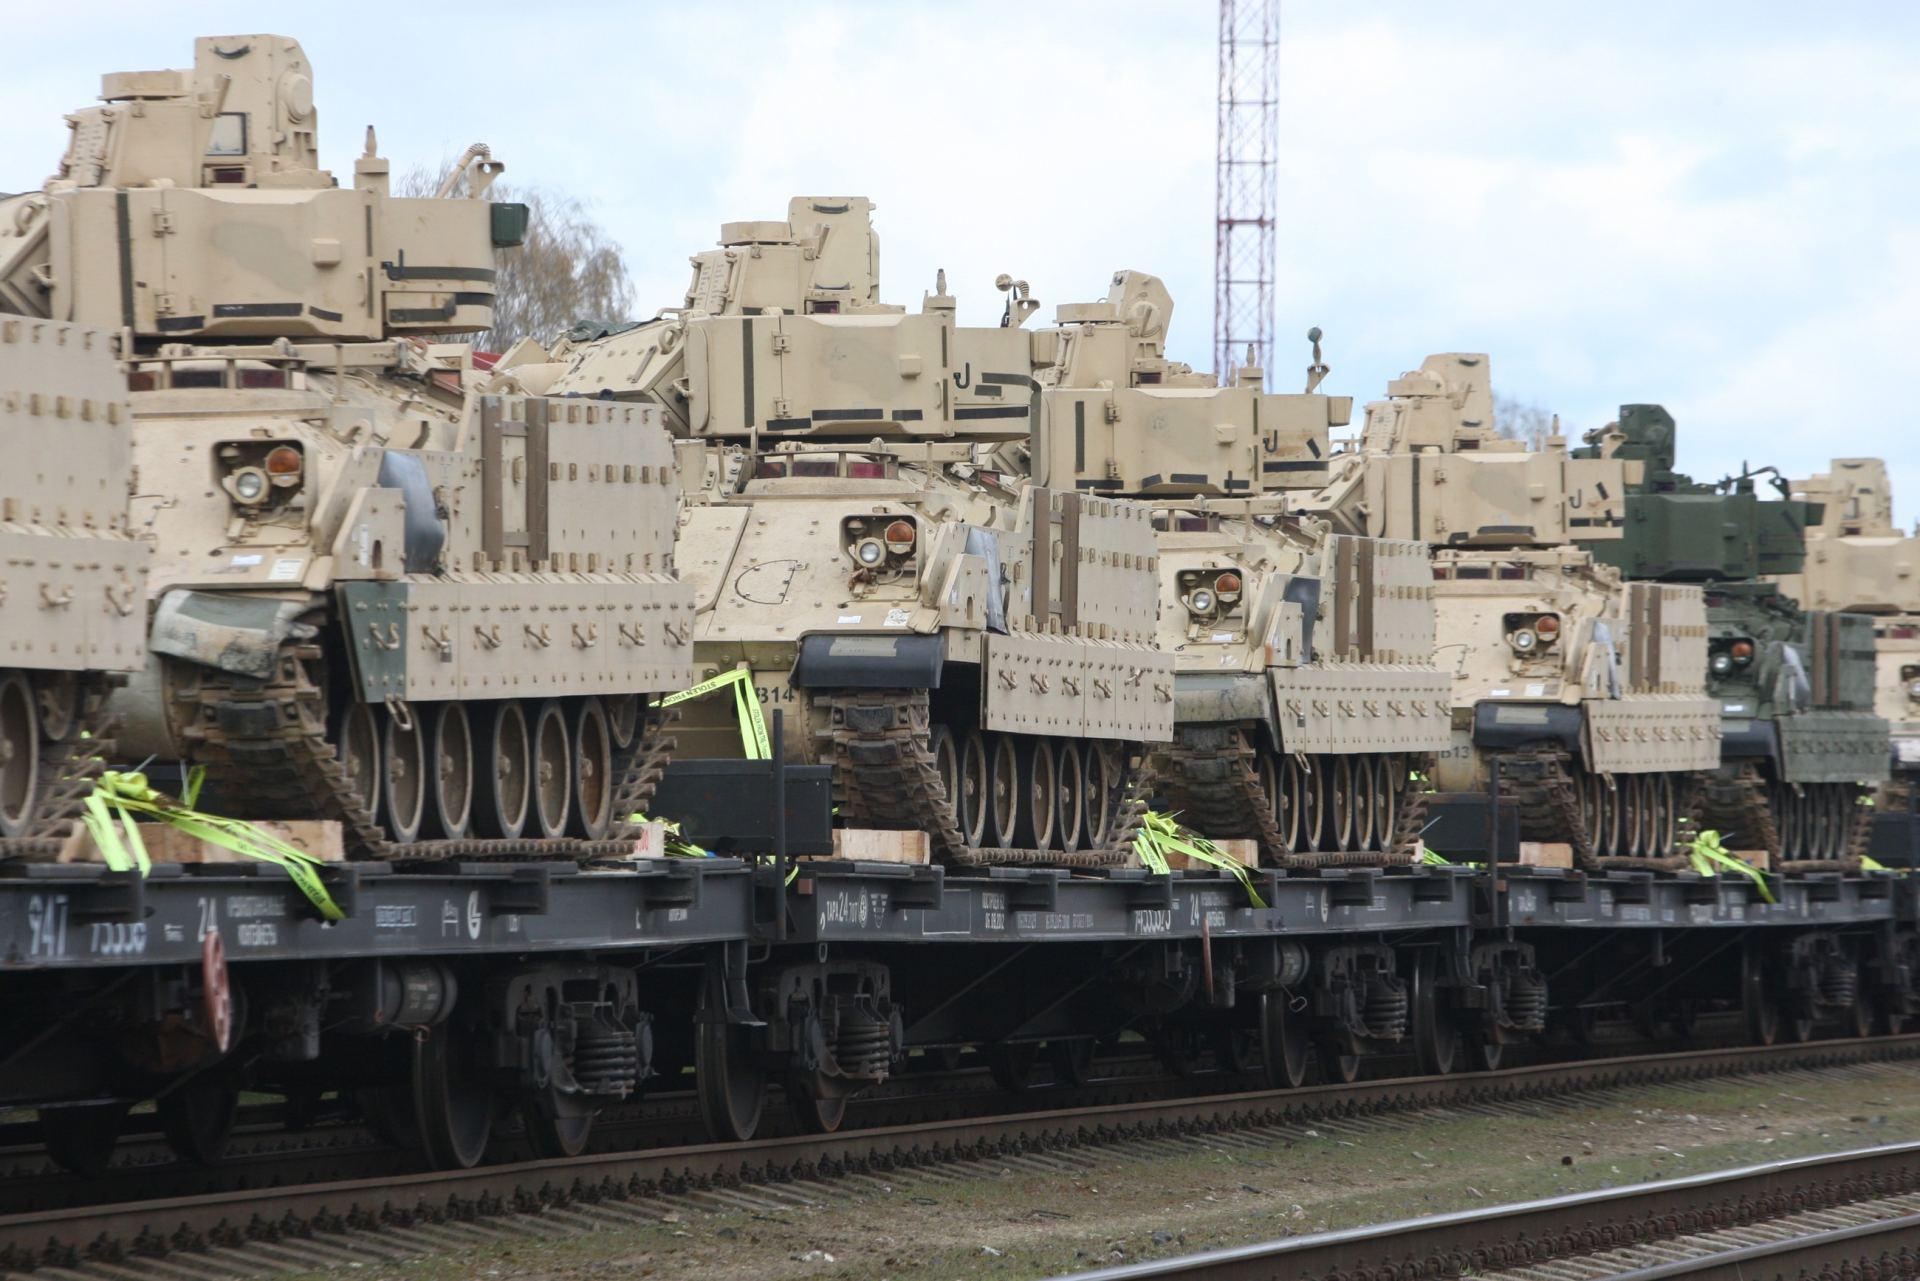 Присутствие НАТО в черноморском регионе будет носить оборонительный характер, - Вершбоу - Цензор.НЕТ 2919